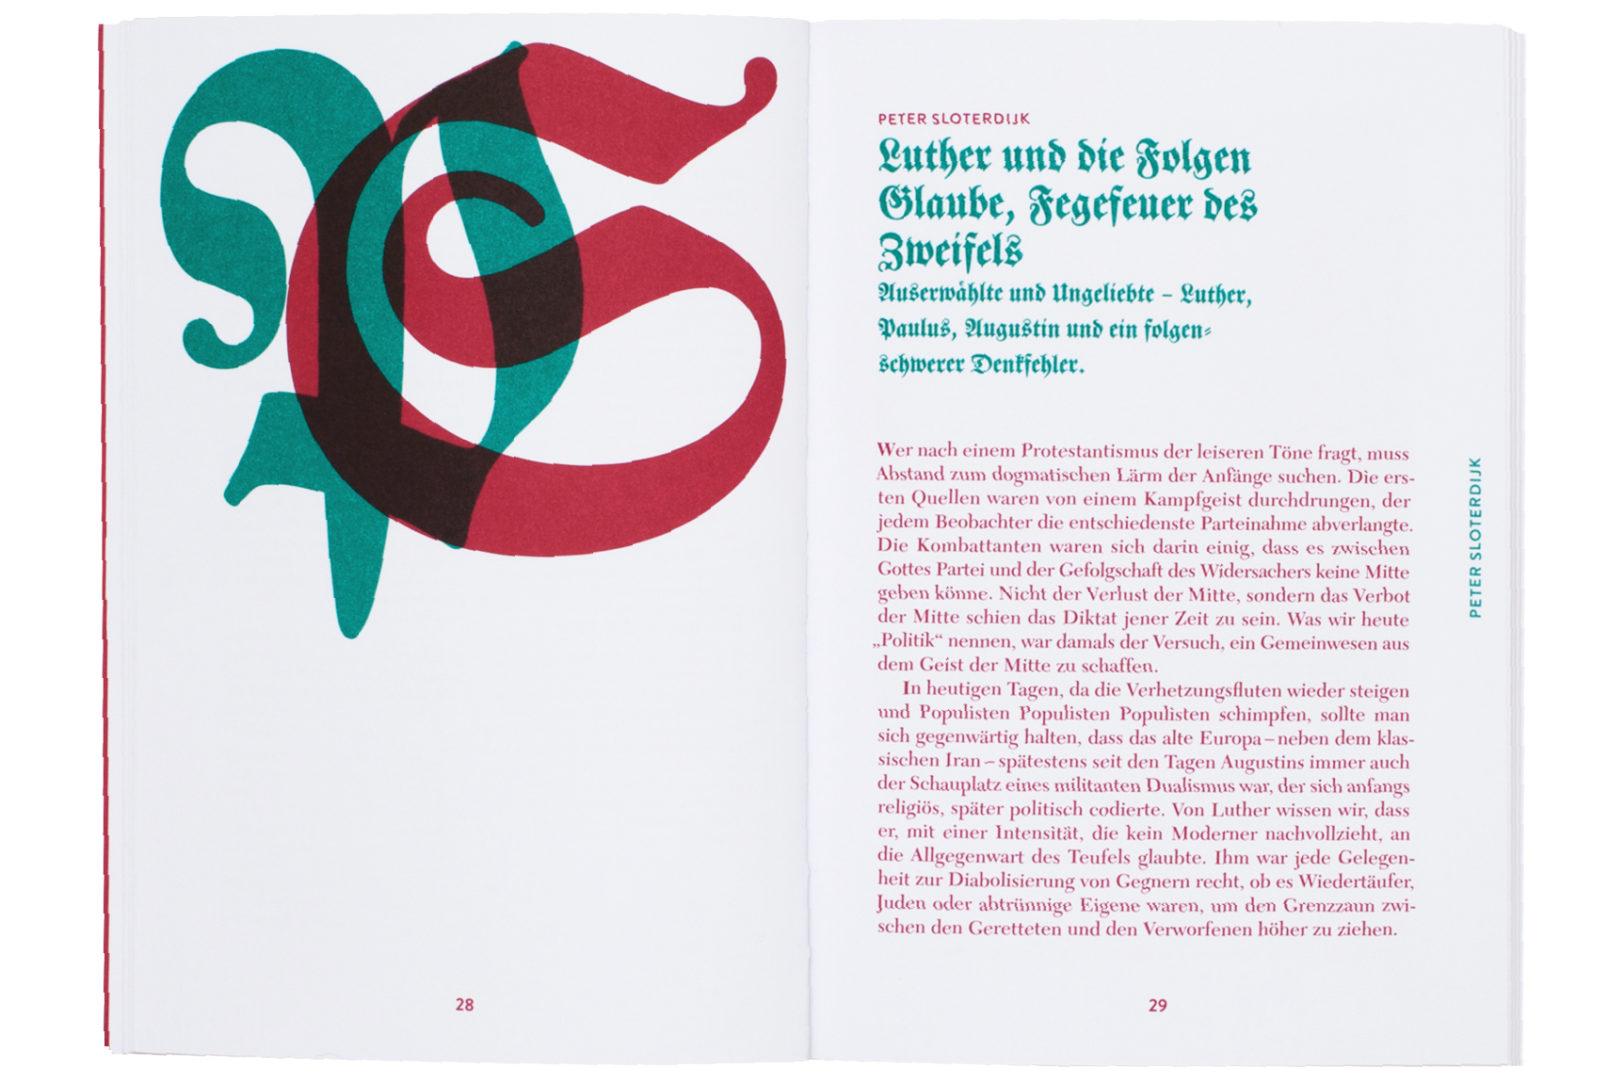 http://e-o-t.de/wordpress/wp-content/uploads/2017/12/e-o-t-2017-Books-ref-leselust-7.jpg